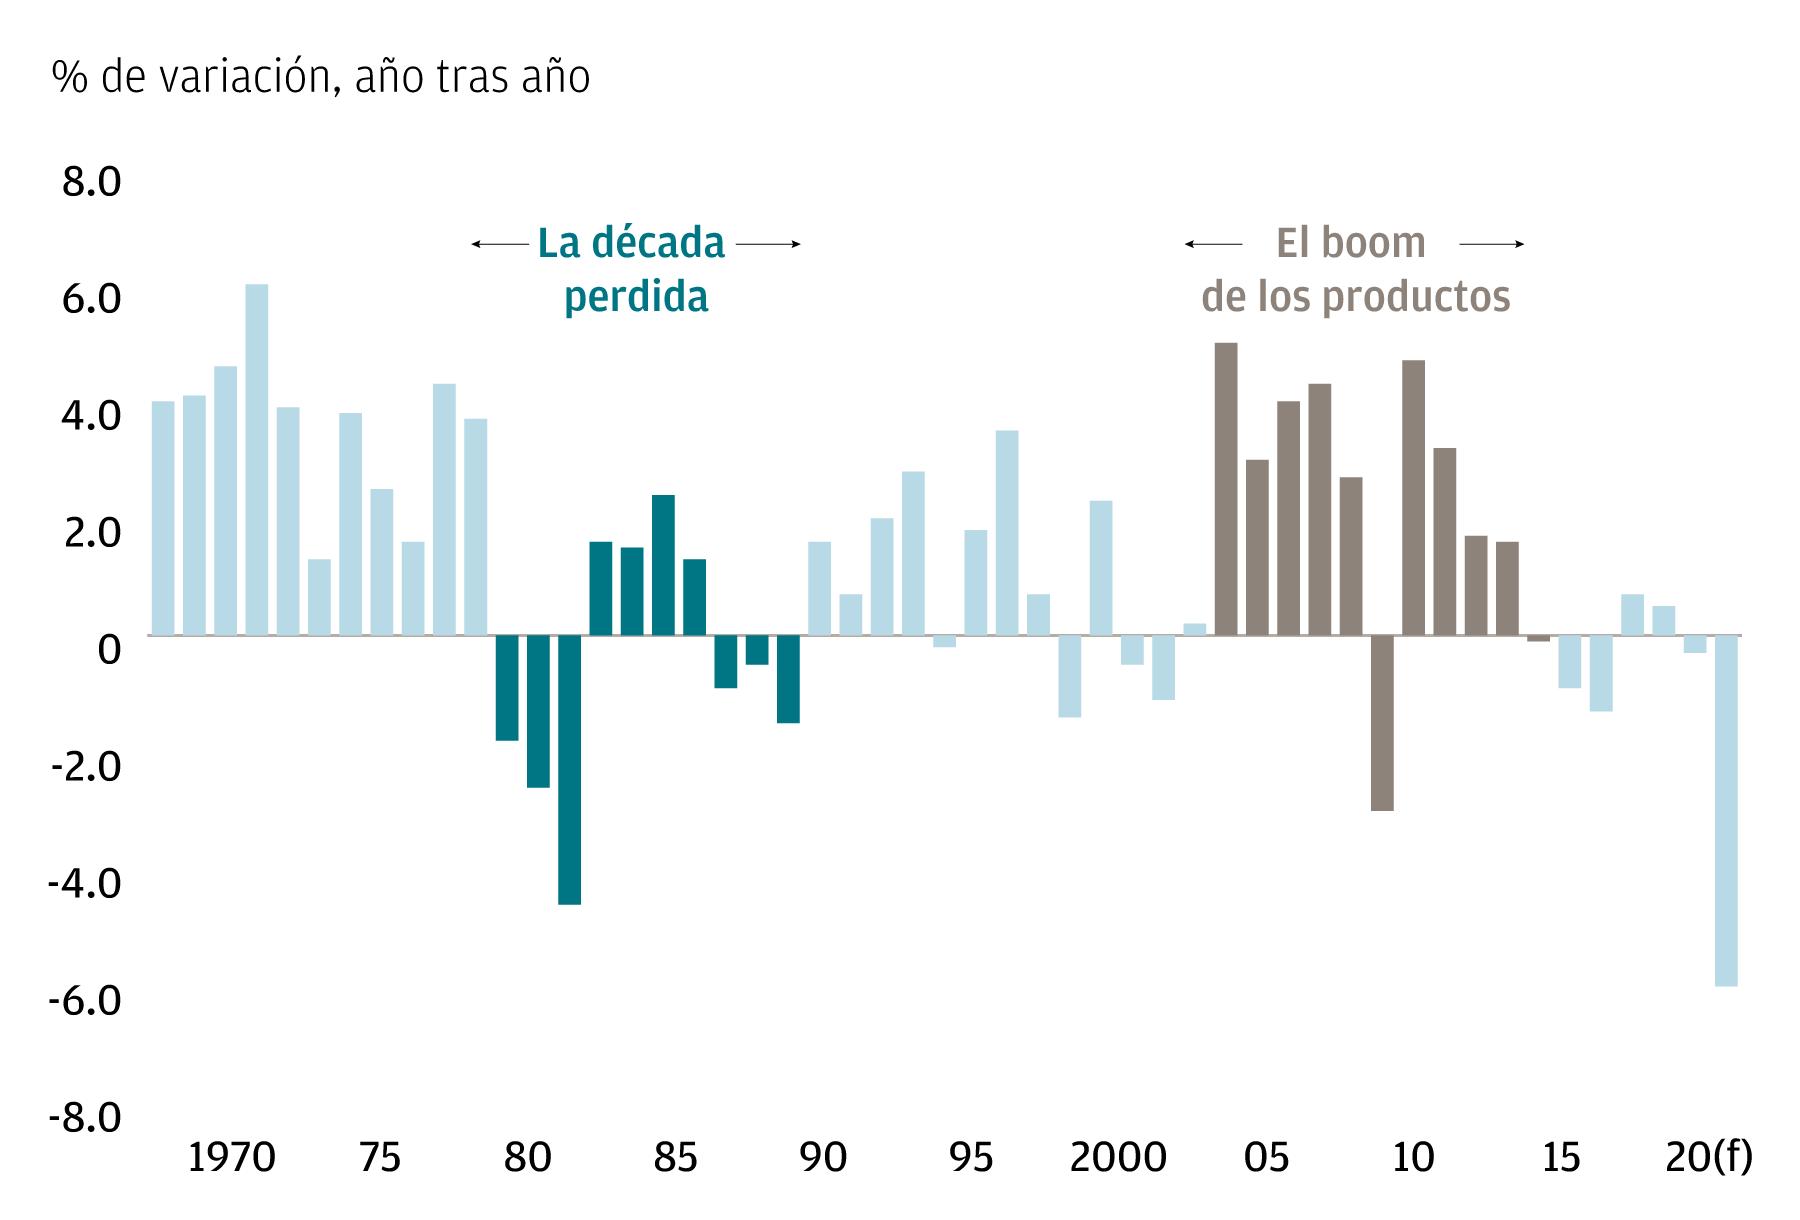 Una gráfica de barras que muestra el PIB real per cápita de América Latina y el Caribe (variación porcentual, de un año a otro), destacando La década perdida y el auge de los productos básicos.